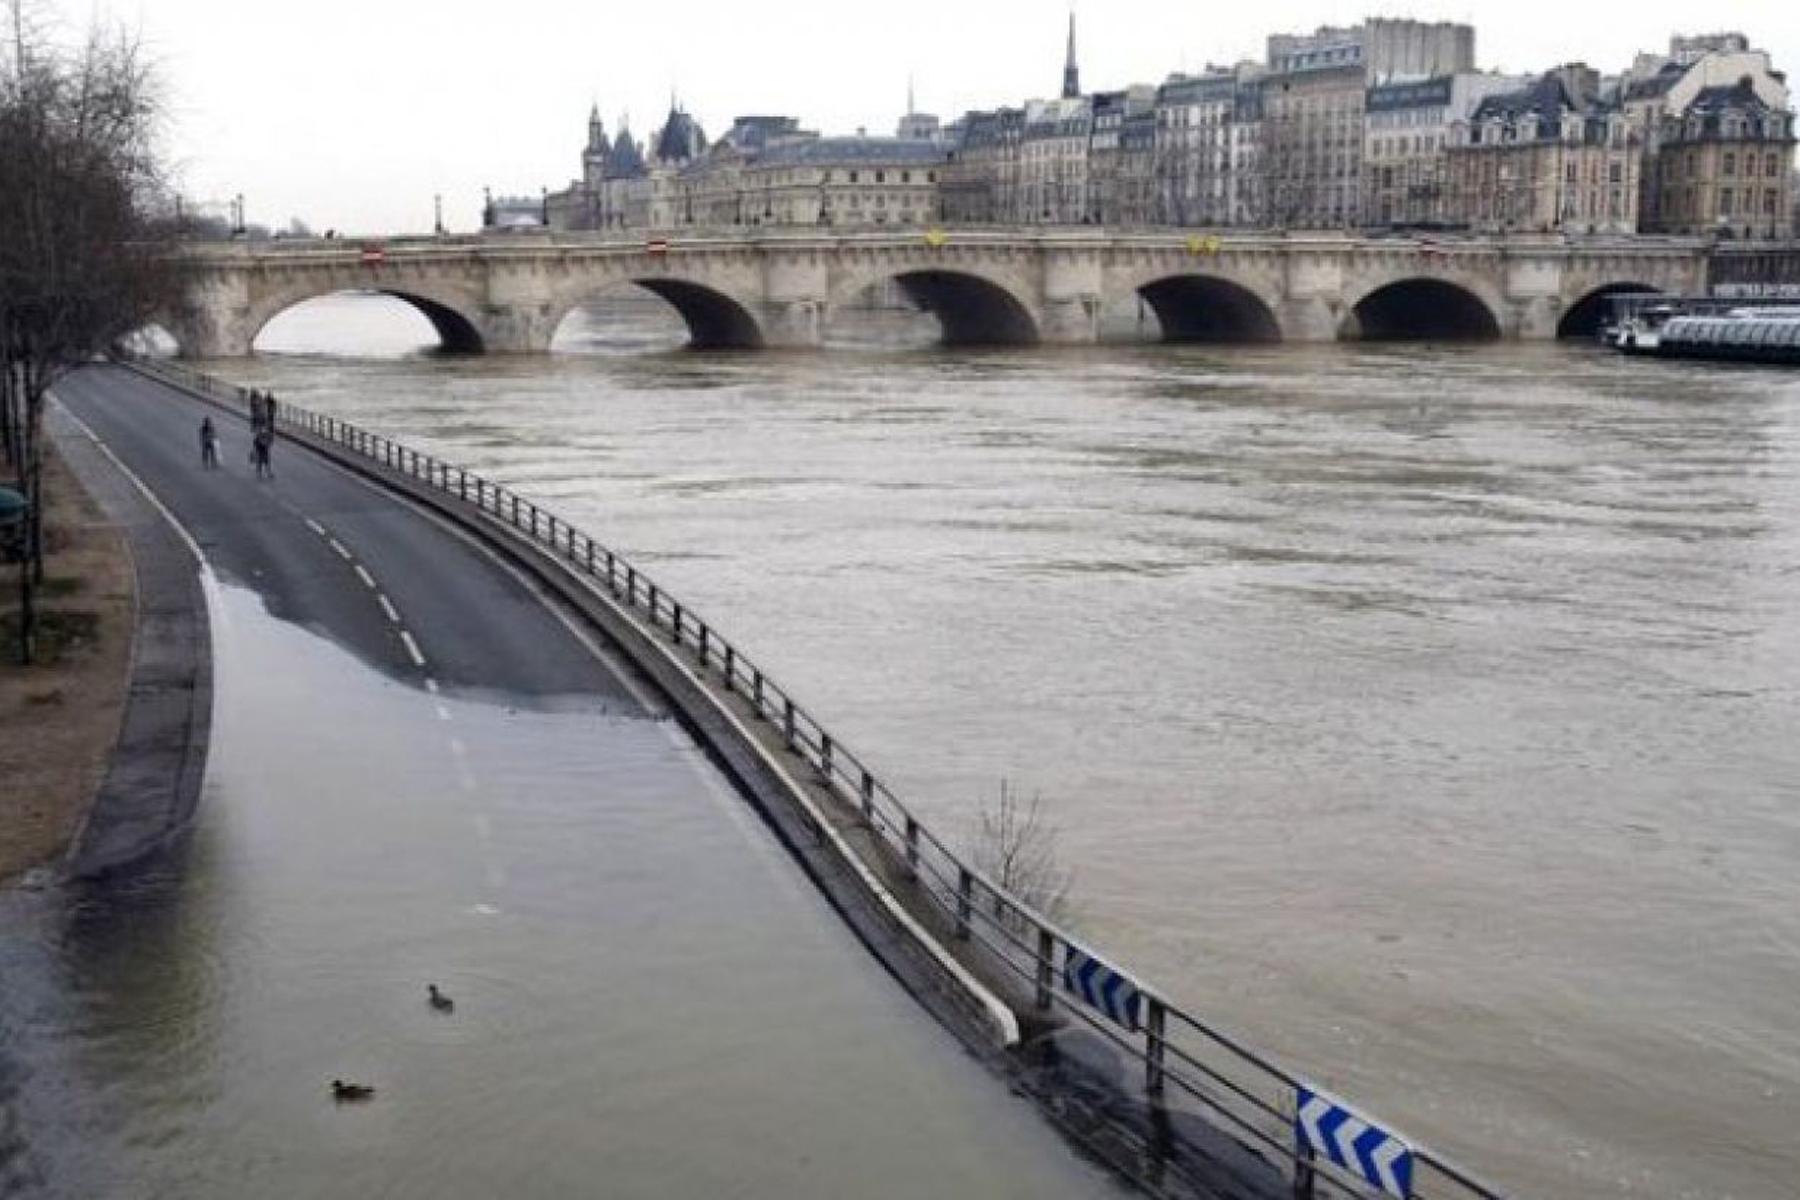 Parigi sommersa dalla Senna: la piena sale ancora